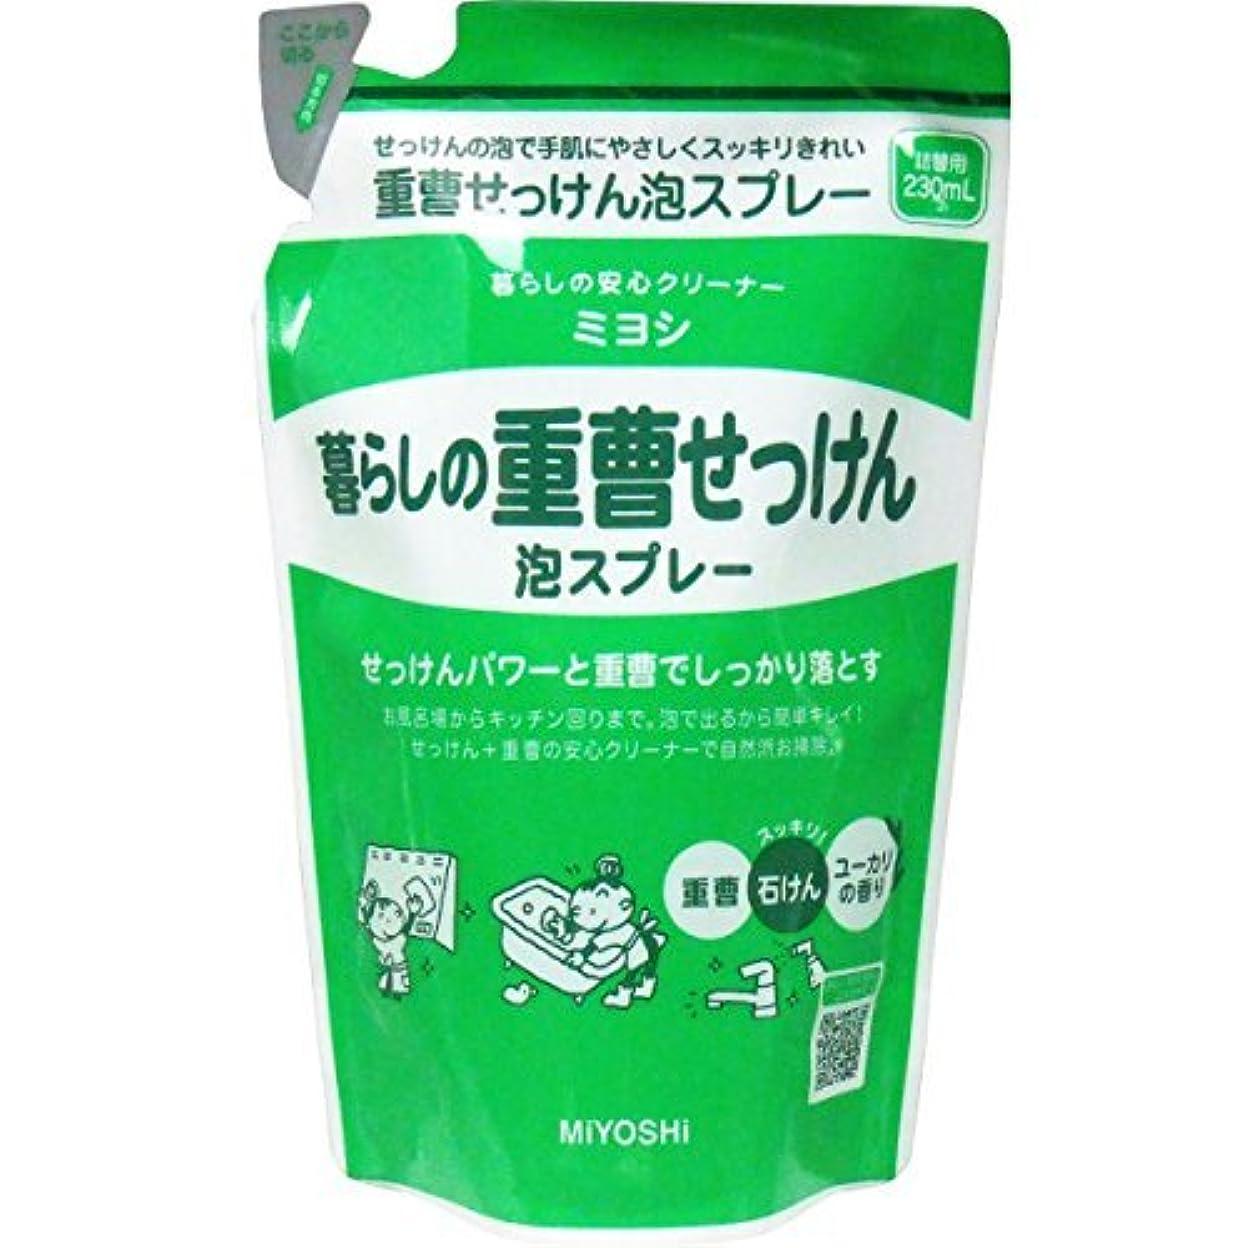 【まとめ買い】暮らしの重曹せっけん泡スプレー 詰替 230ML ミヨシ石鹸 ×10個